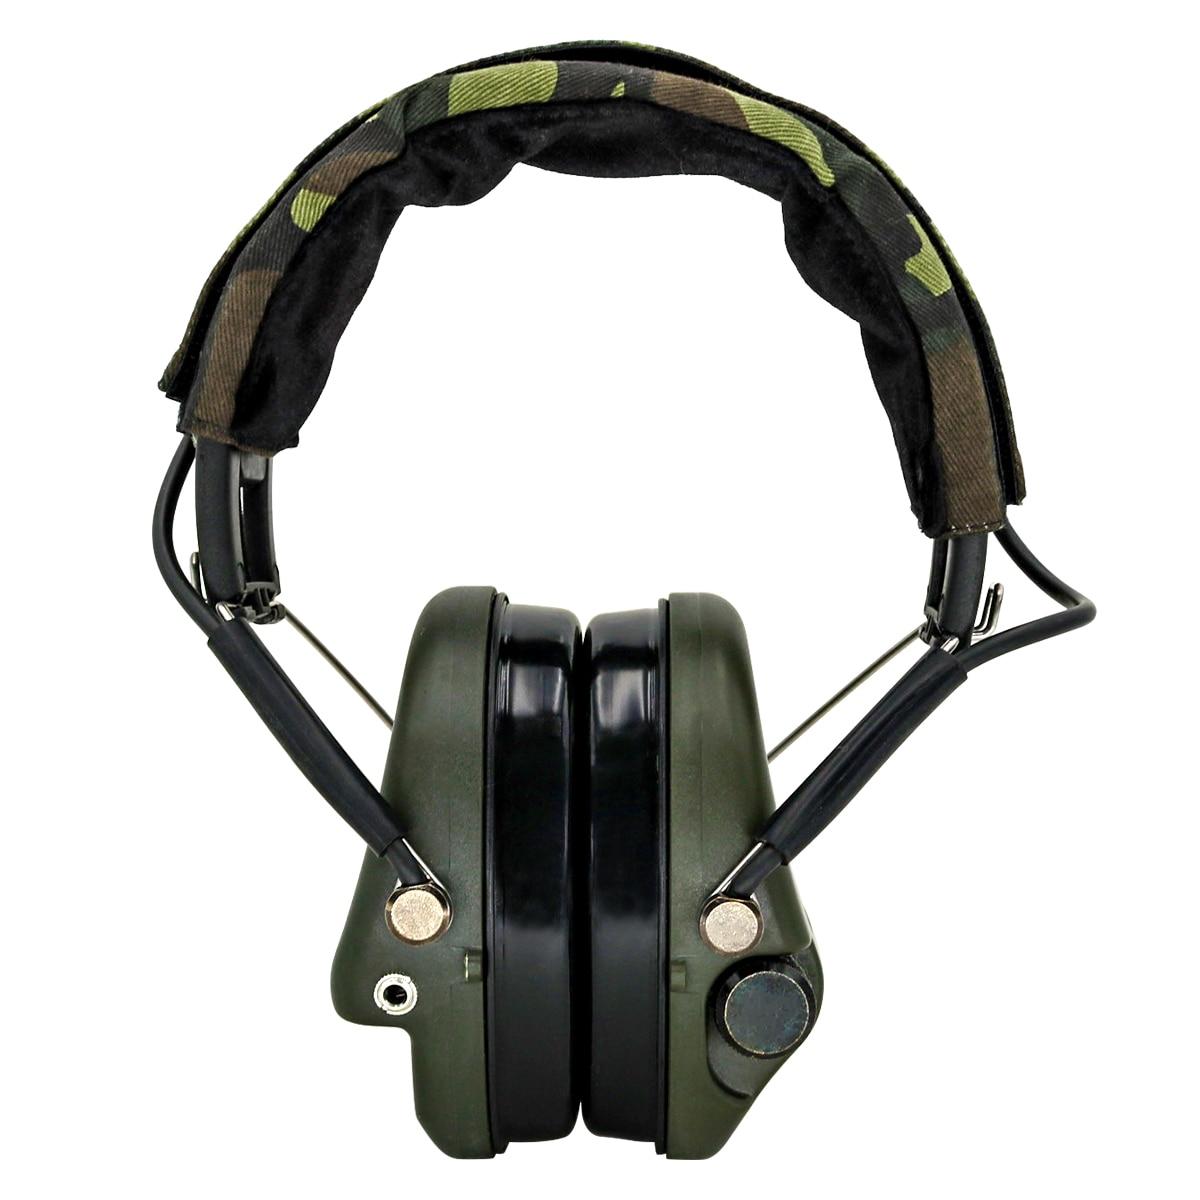 Тактические наушники MSA Airsoft Sordin, уличные охотничьи Электронные Наушники с защитой слуха и шумоподавлением, тактические наушники для стрельбы-1